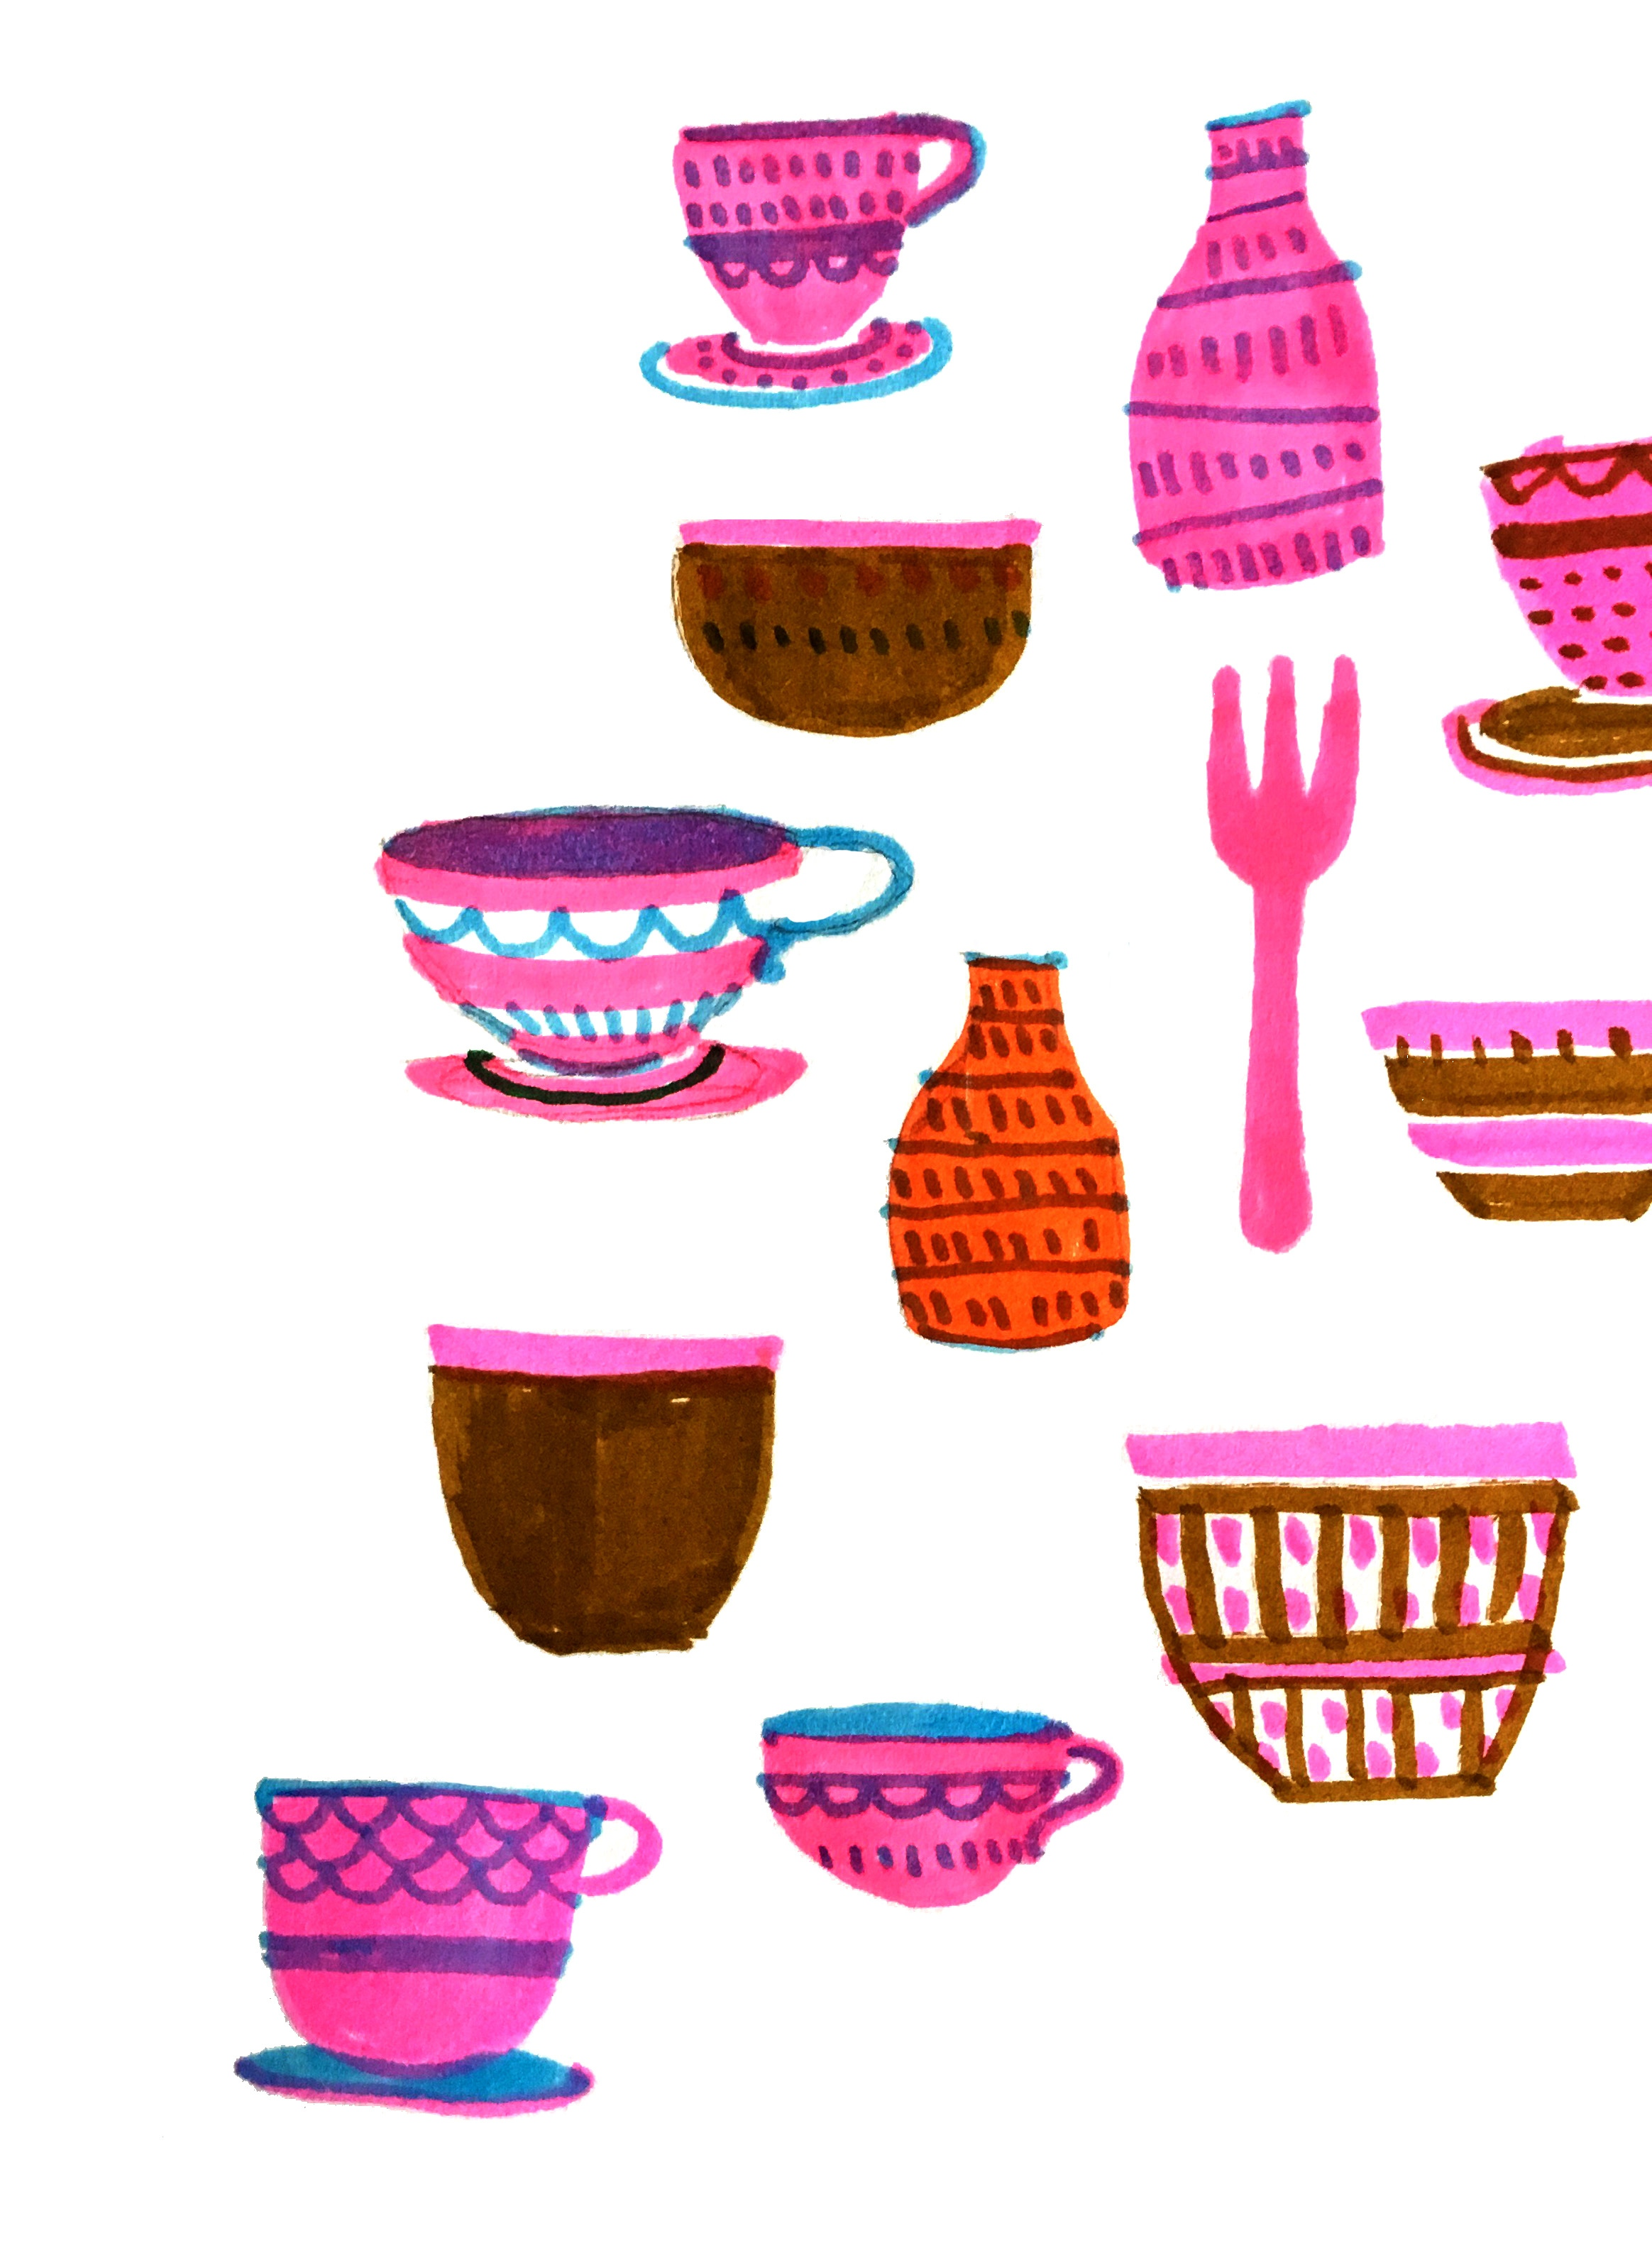 Margaret-McCartney-Dishes-Sketch